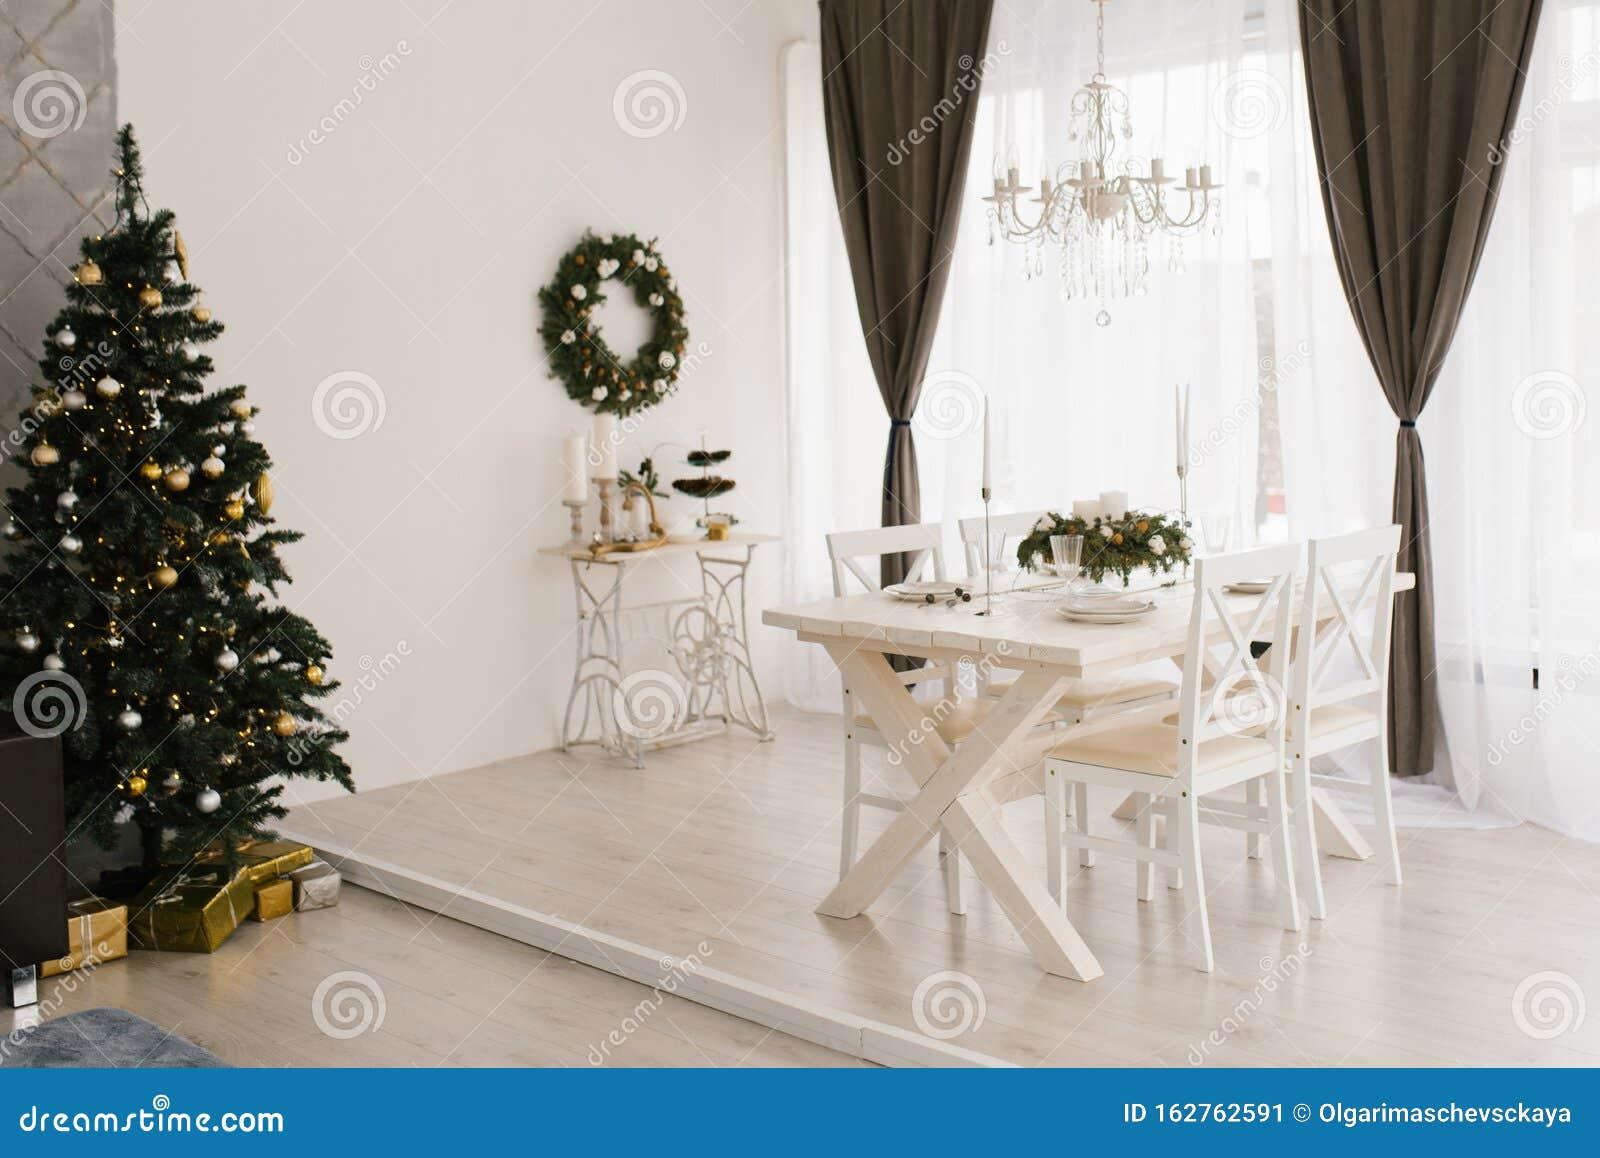 Salotto Bianco Classico O Sala Da Pranzo Con Tavolo Bianco Di Legno E Sedie Albero Di Natale E Tenda Marrone Immagine Stock Immagine Di Decorato Dicembre 162762591